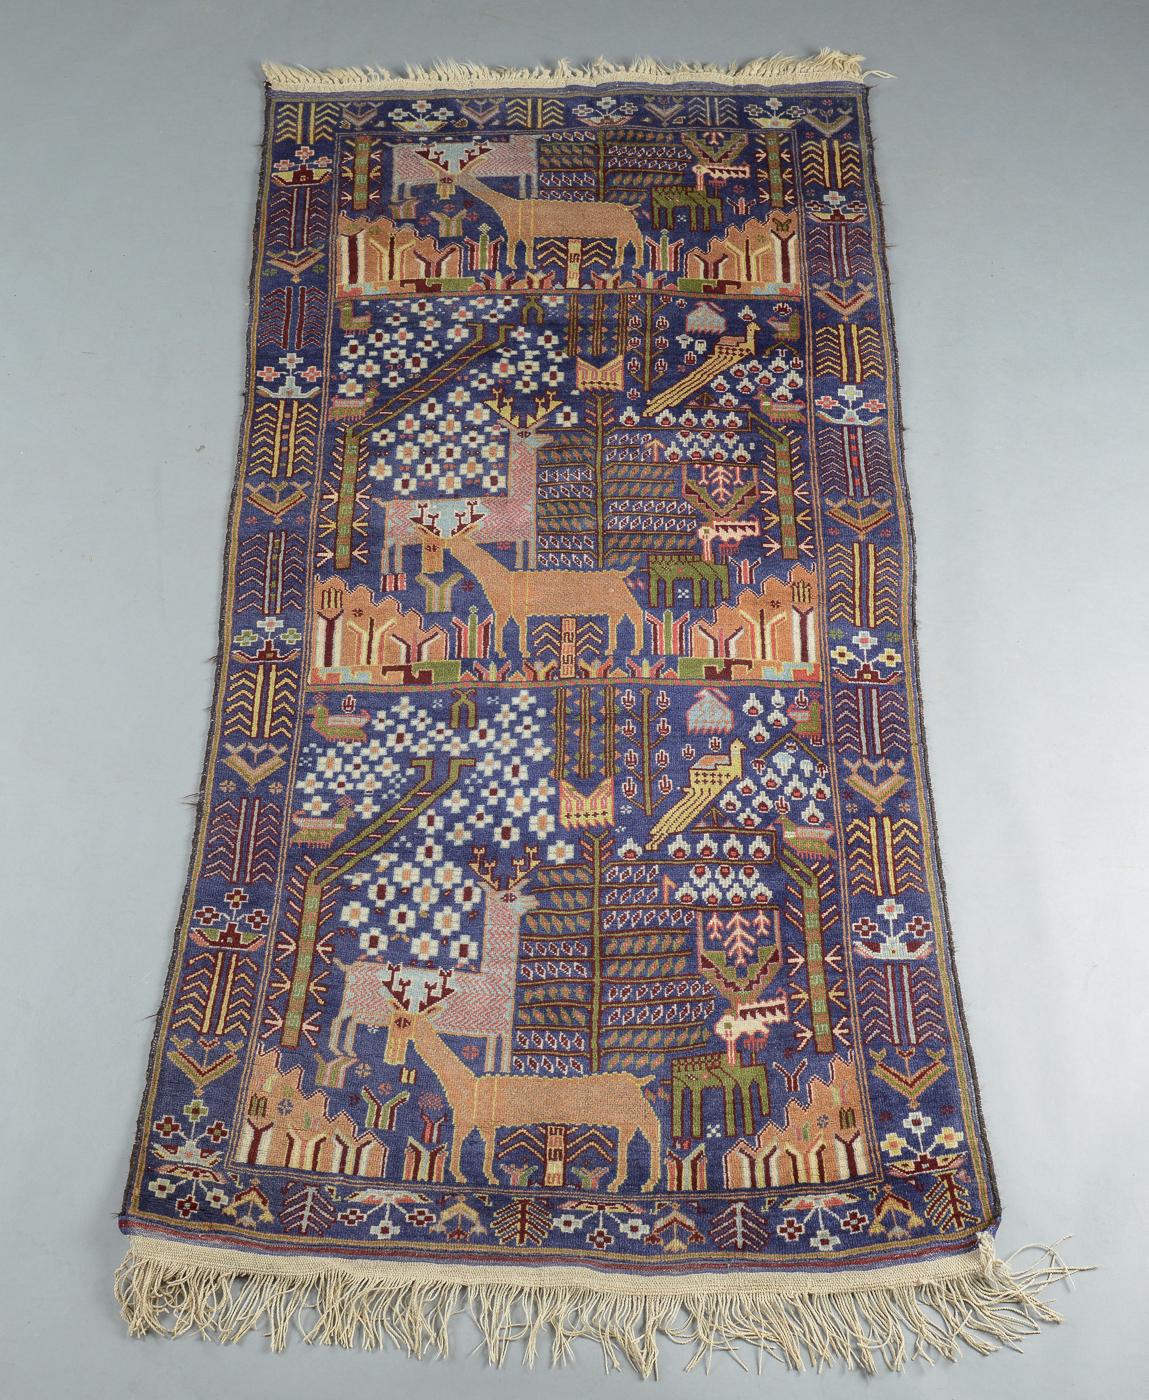 Persisk Beluch figuraltæppe 210 x 113 cm - Persisk Beluch figuraltæppe, uld på uld. 210 x 113 cm